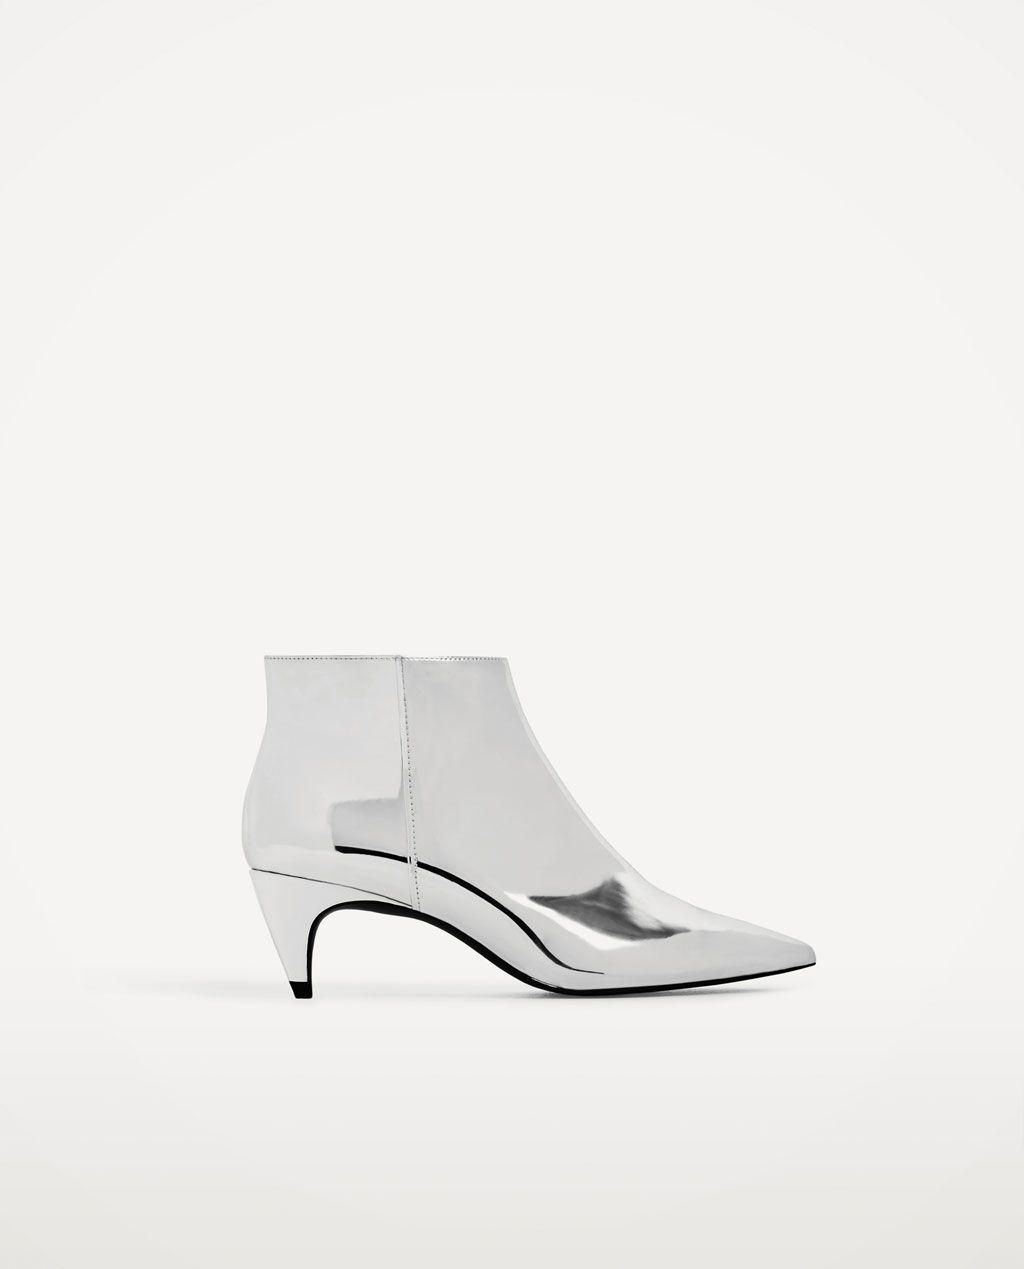 Image 2 Of Silver High Heel Ankle Boots From Zara Hal Hoga Klackar Skor